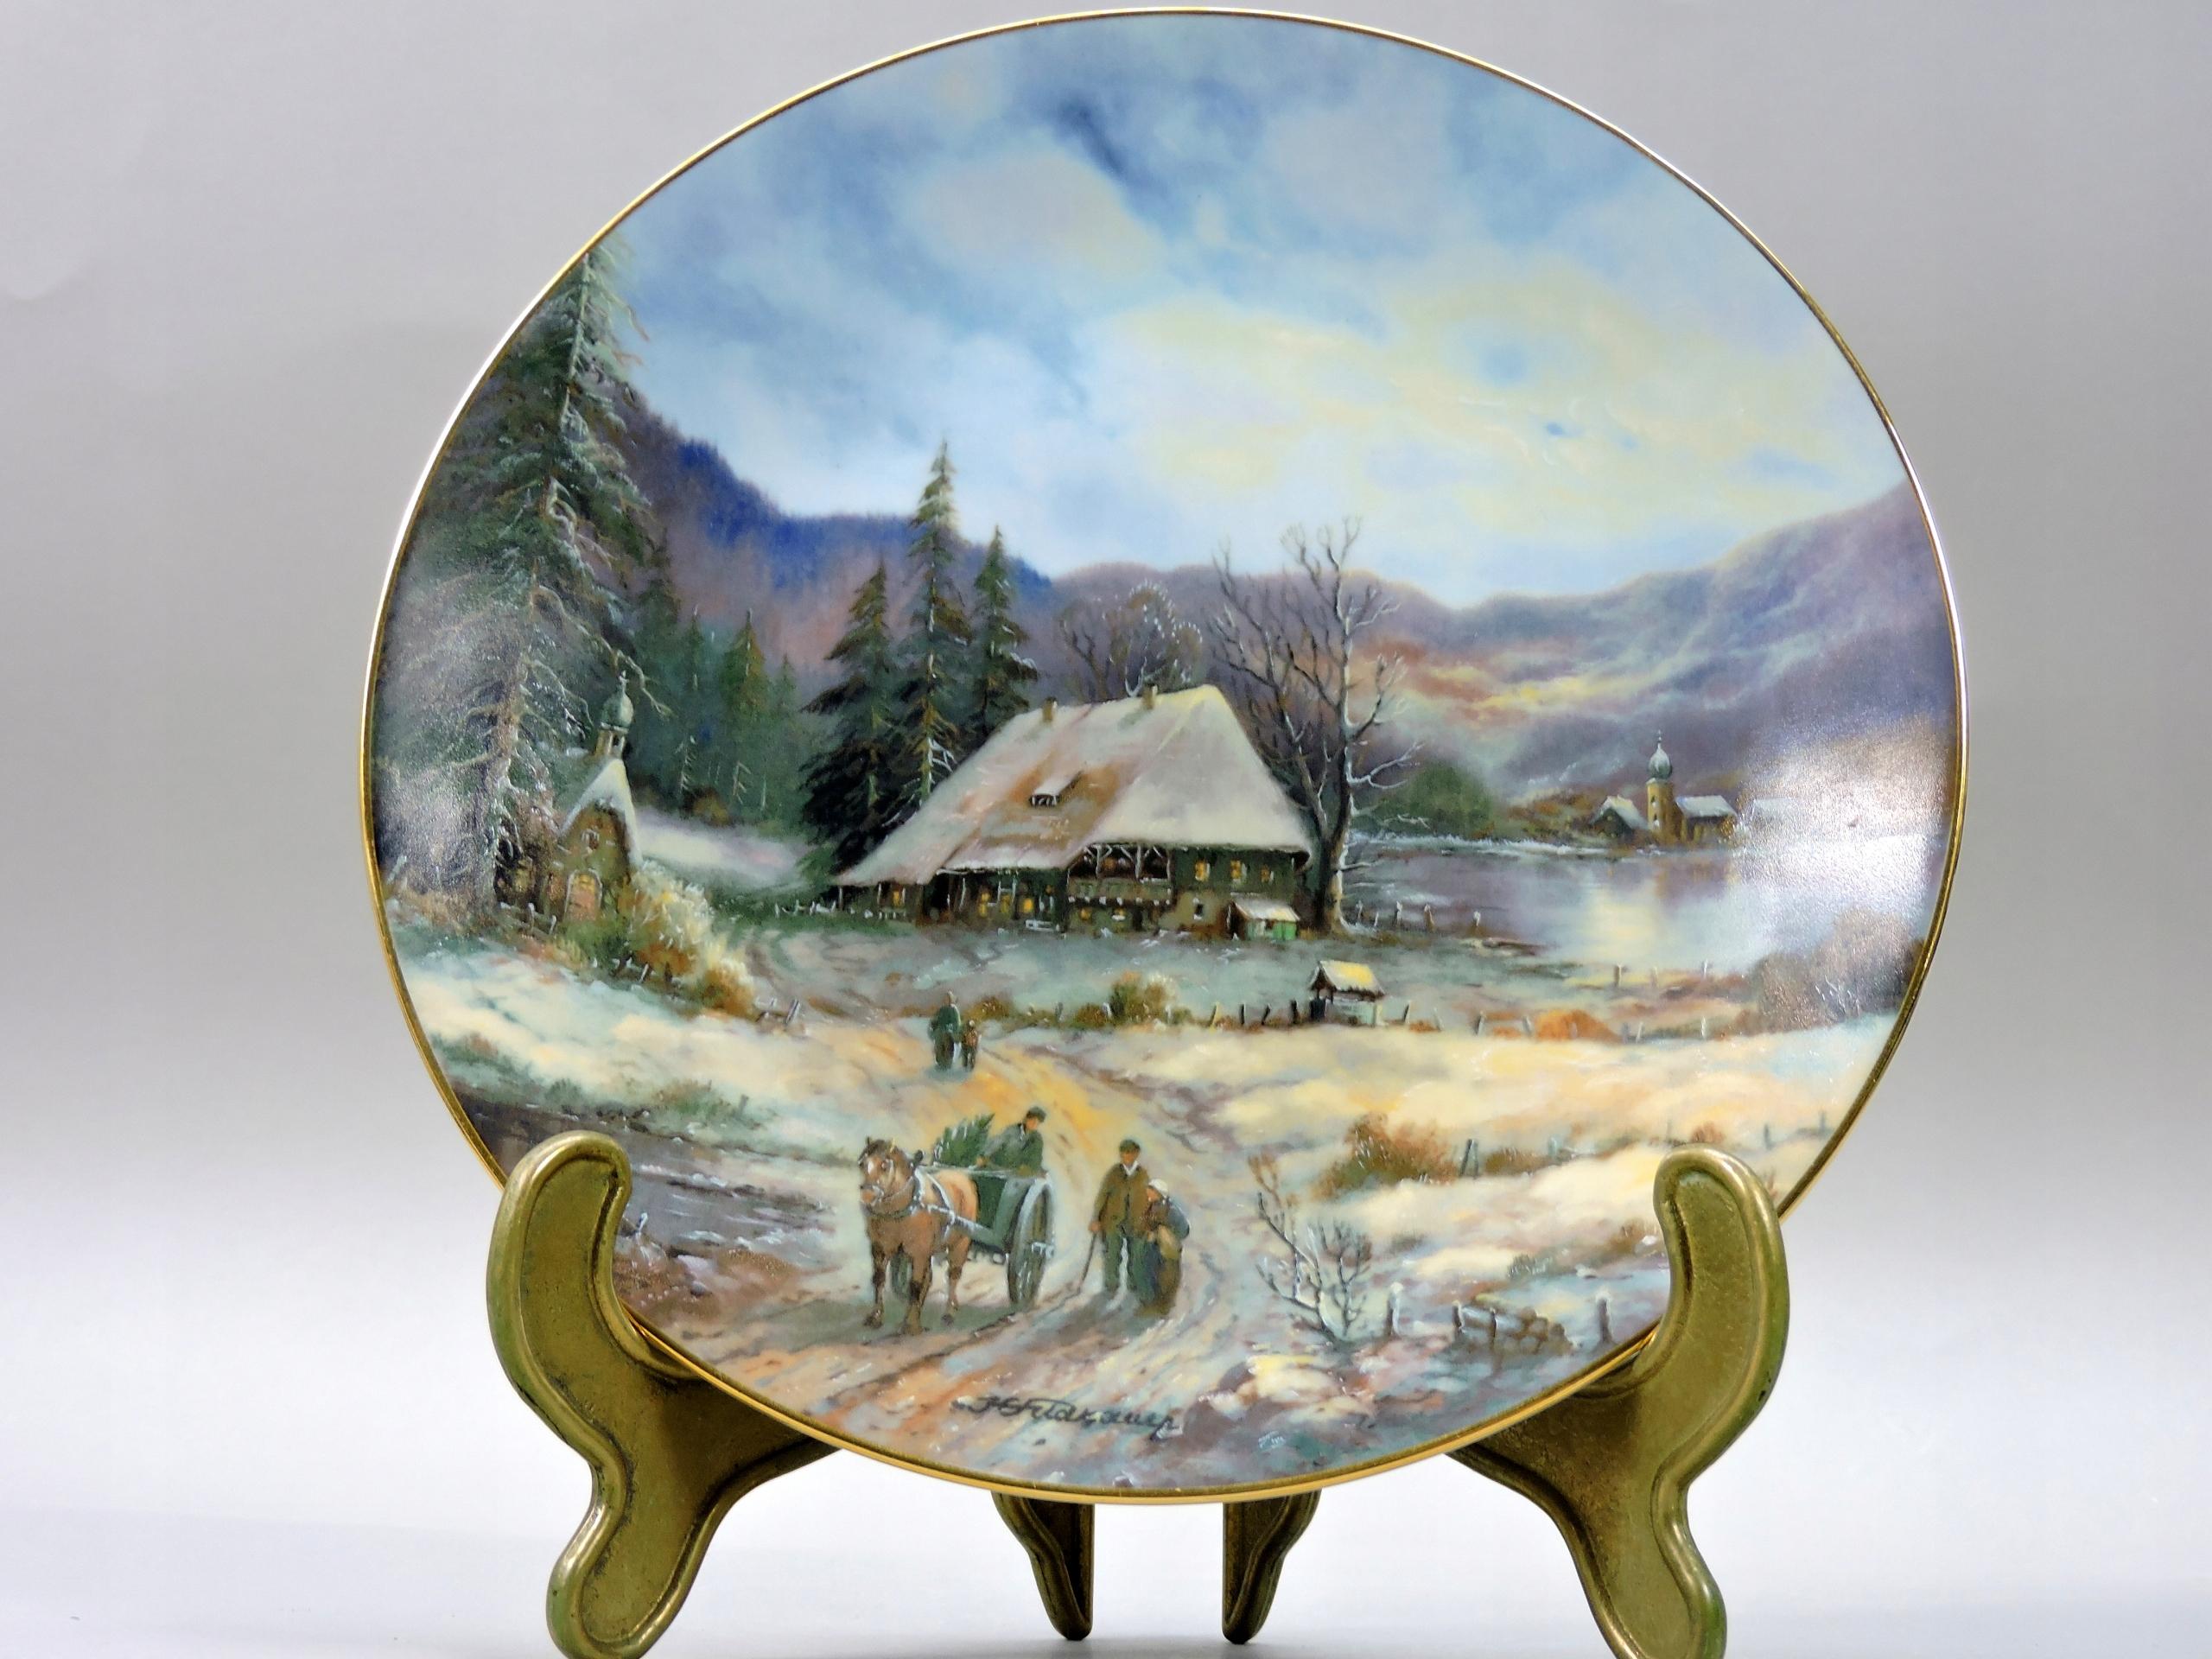 Talerz wisi obraz pejzaż góry jezioro porcelana